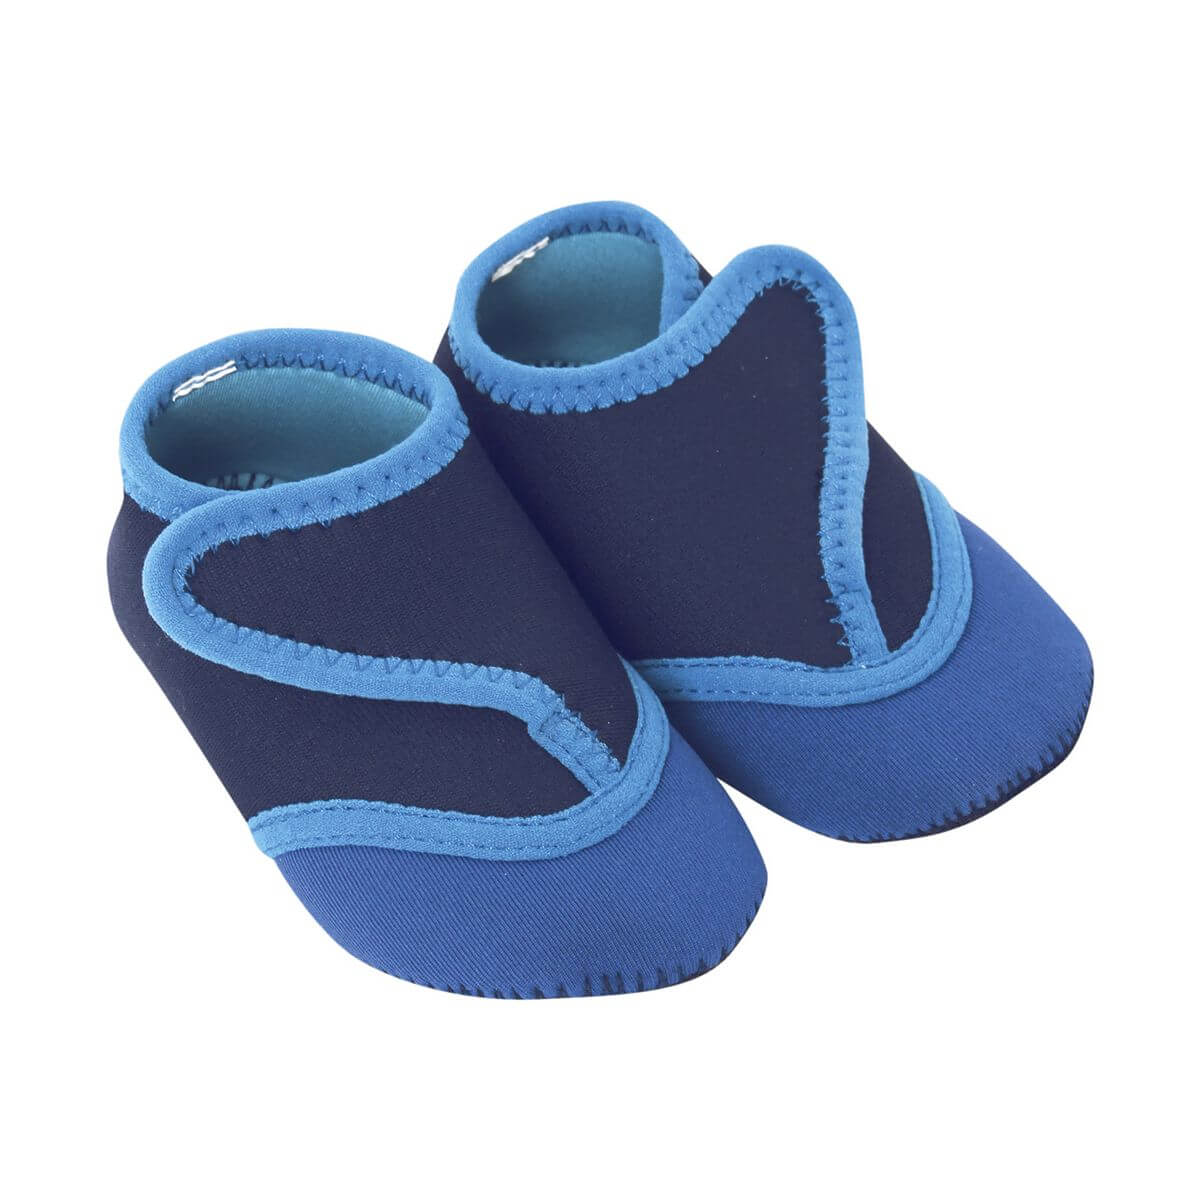 Calzado para Piscina y Playa para Niños